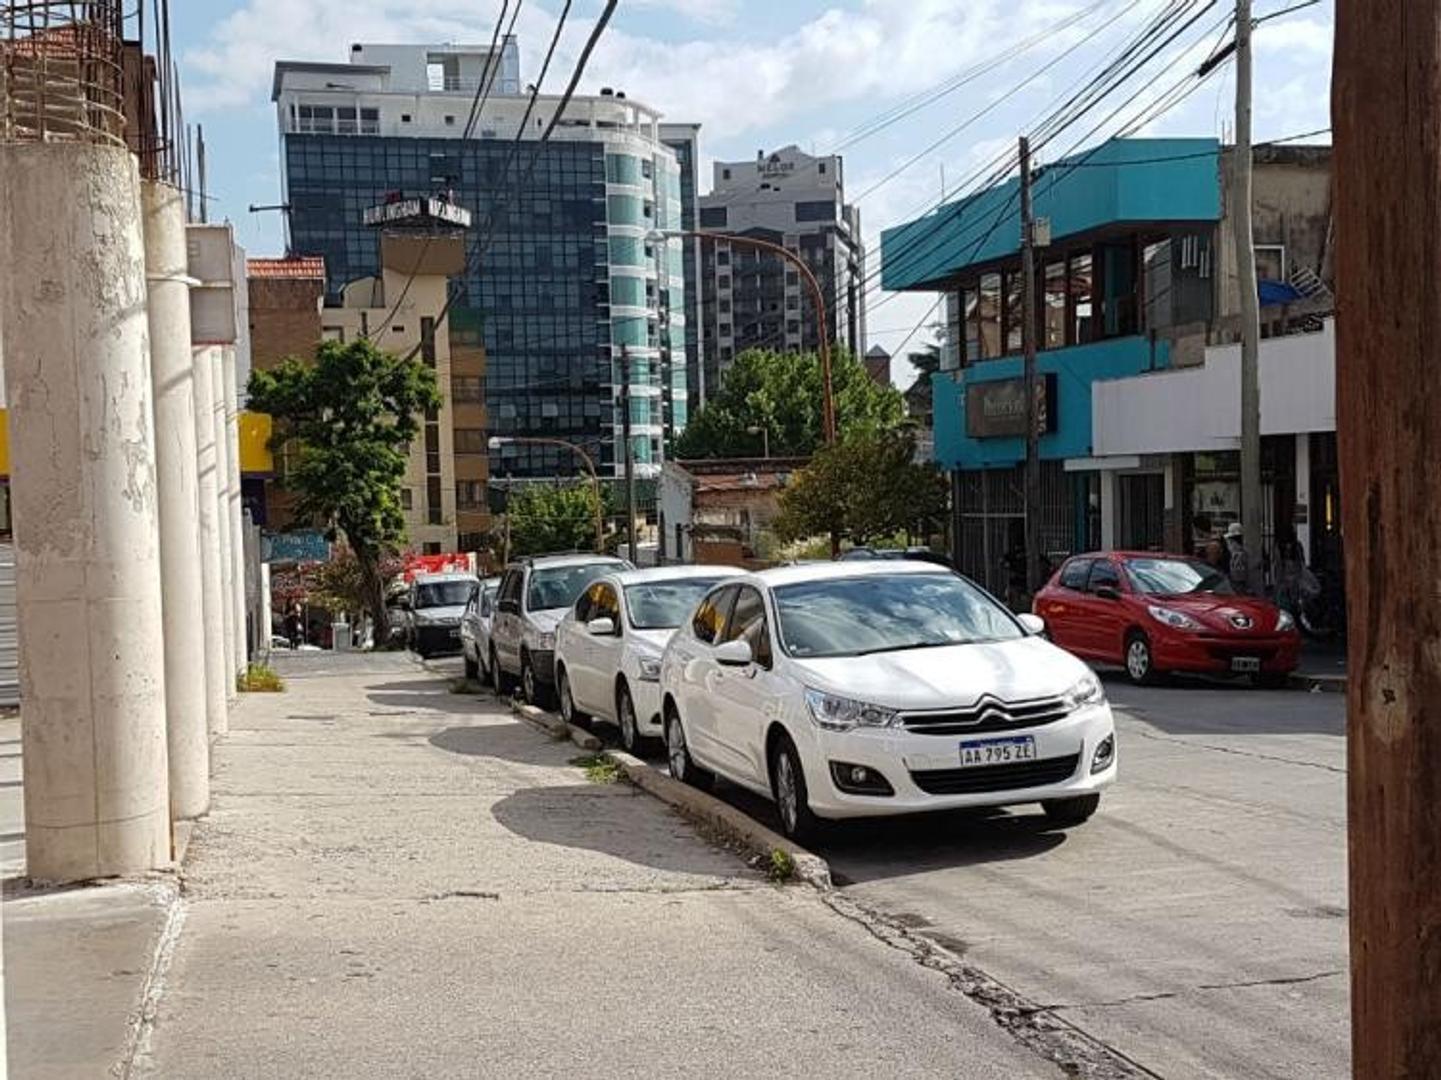 MUY LINDO DEPARTAMENTO DE 1 DORMITORIO, AMPLIO, CON WiFi. A 1 CUADRA DE PEATONAL, Zona McDonals. - Foto 16